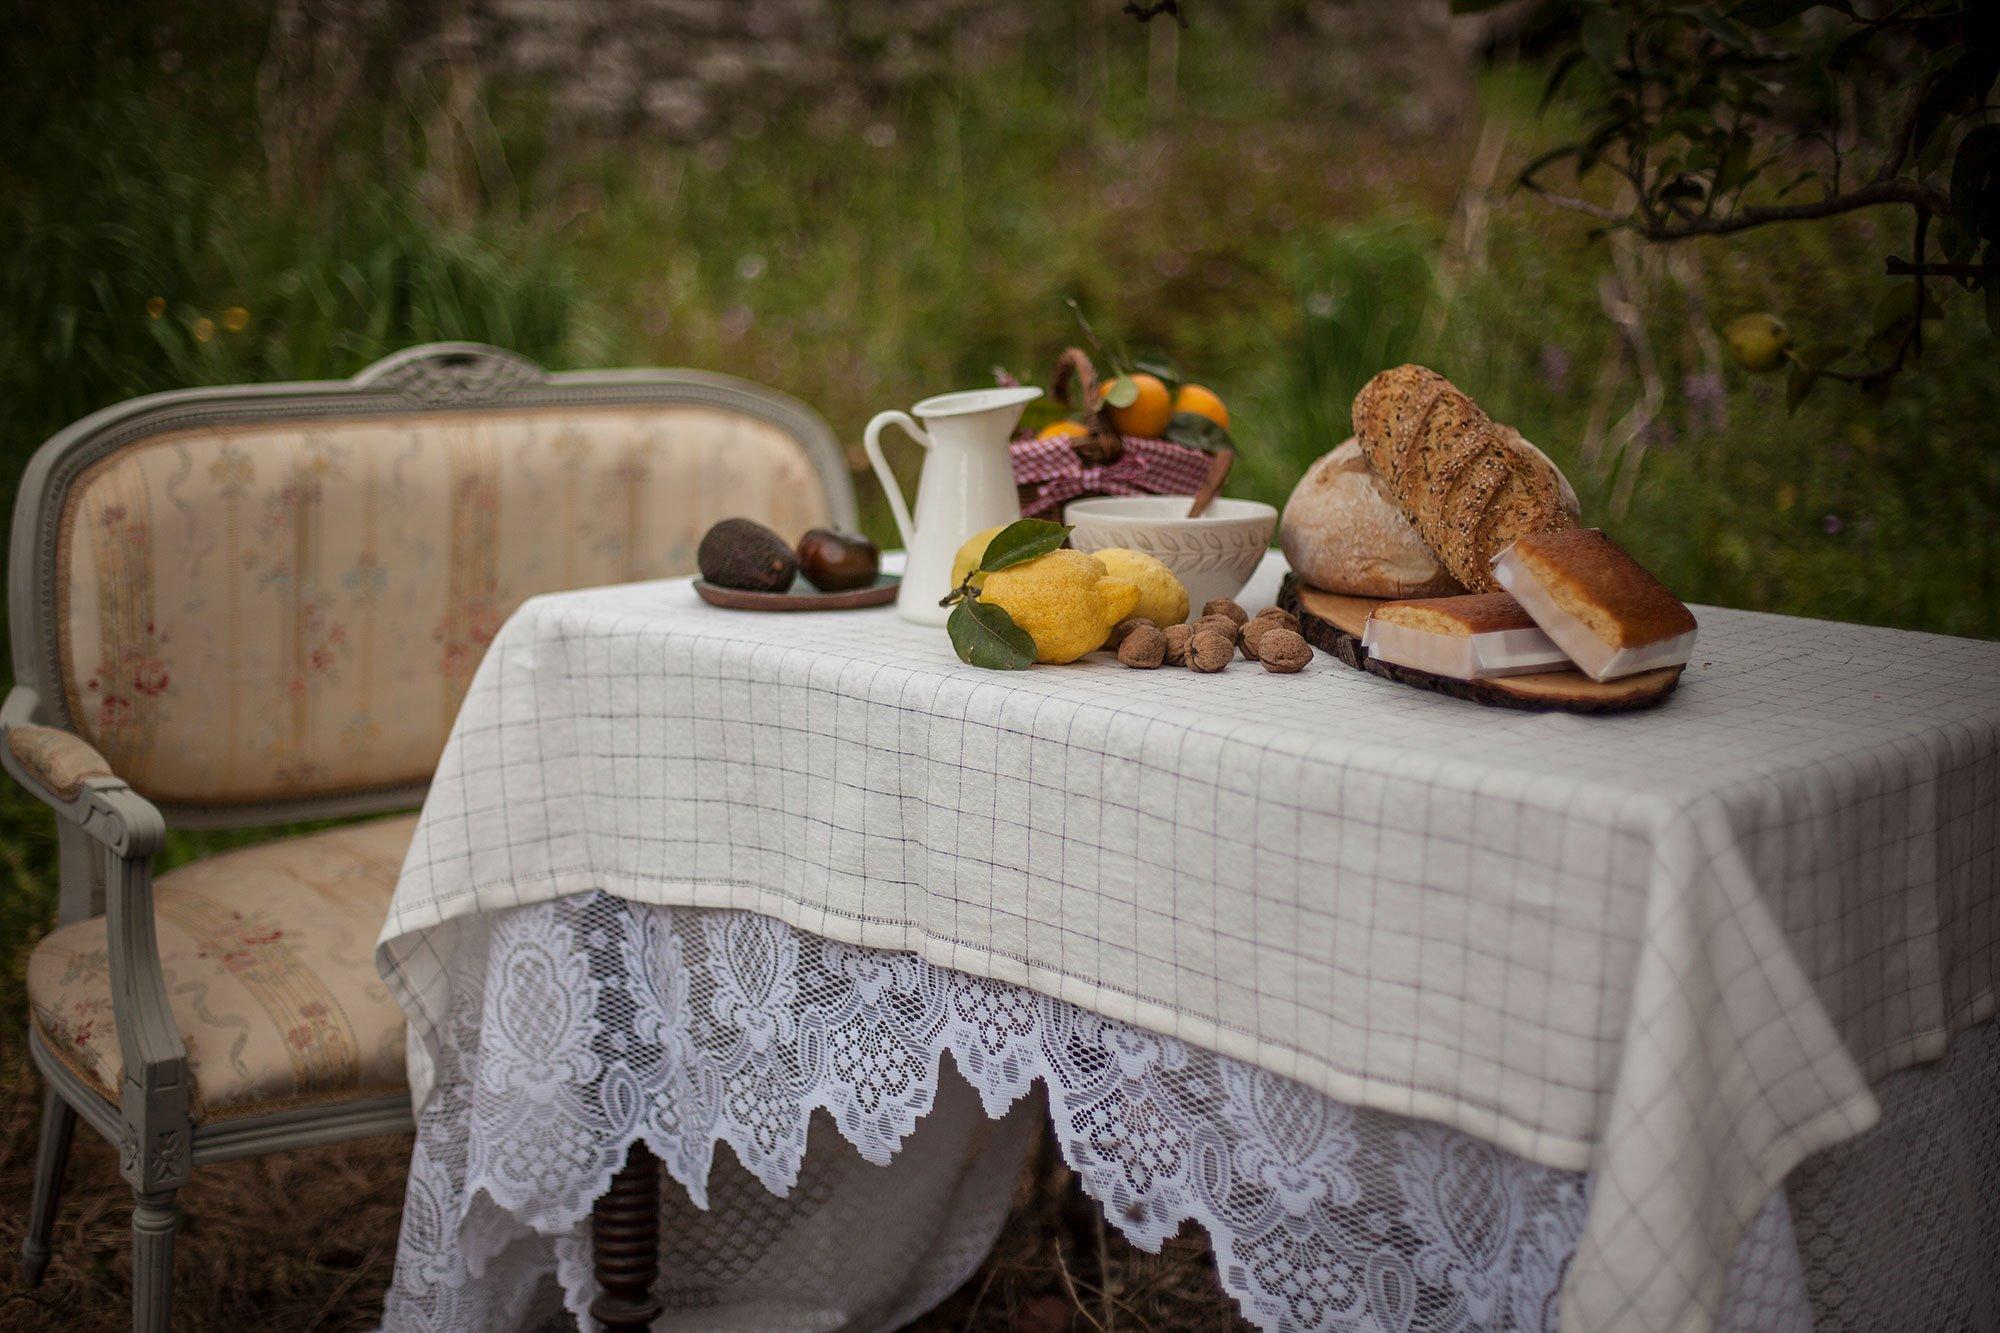 Desayuno saludable en los jardines en Posada Seis Leguas en Cantabria